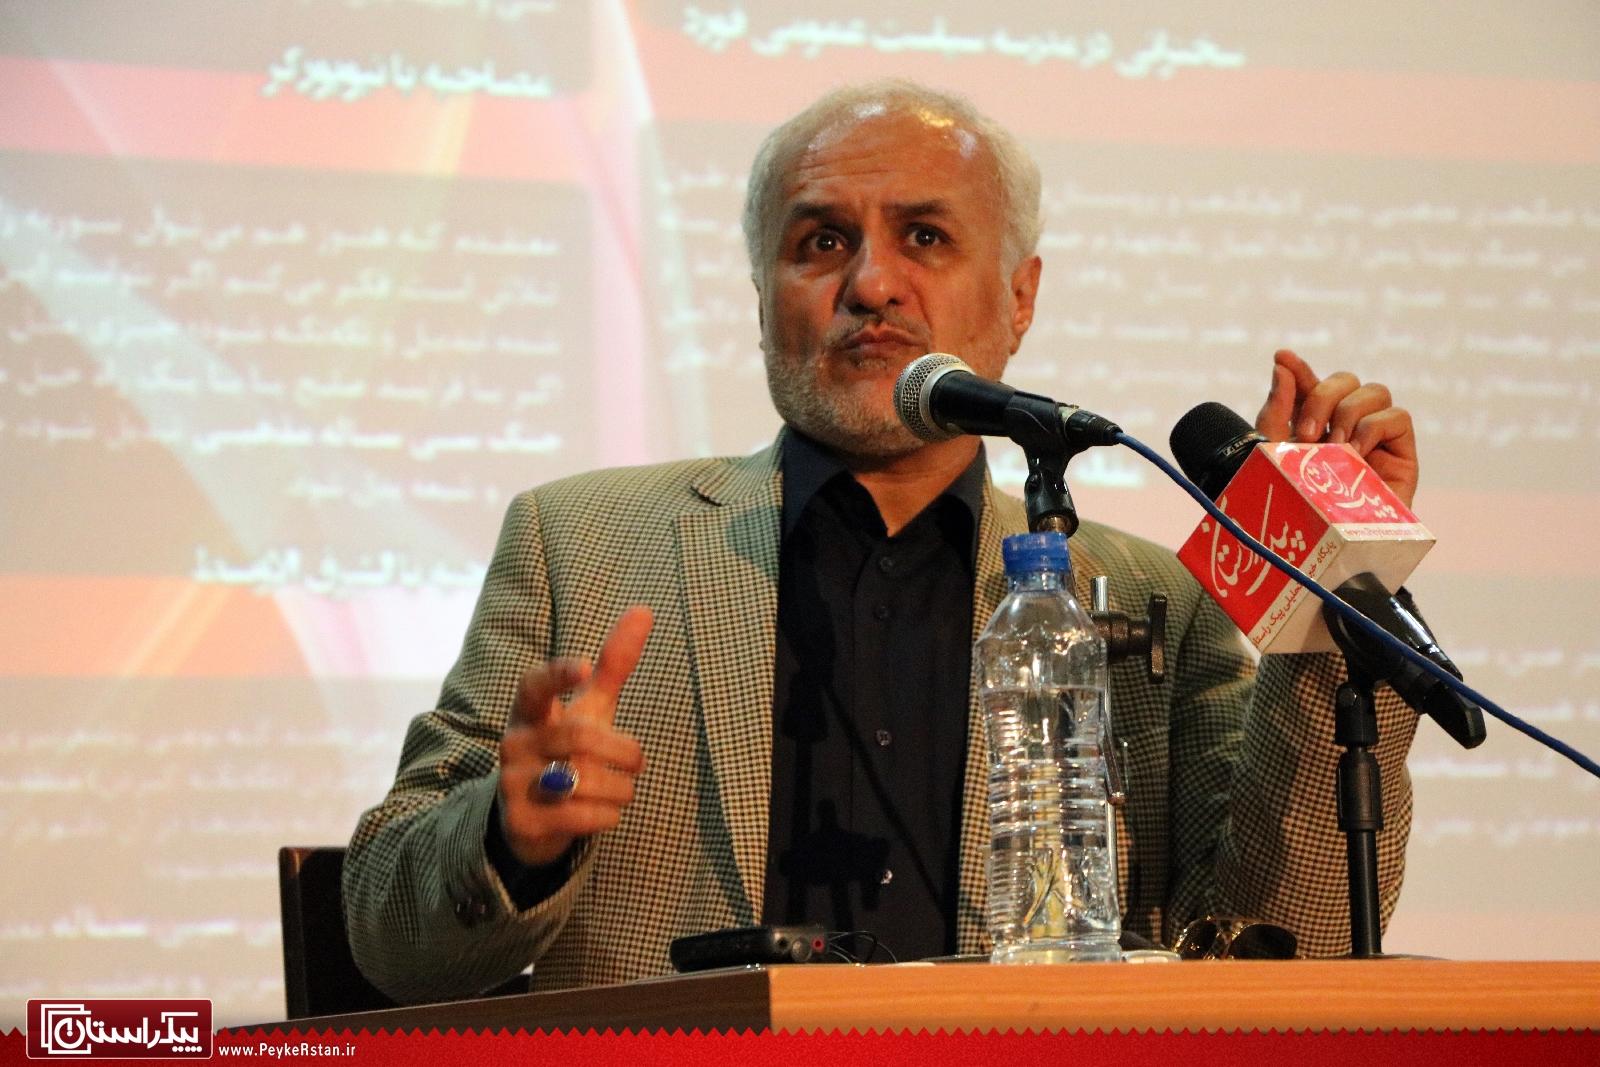 سخنرانی استاد حسن عباسی در دانشگاه اراک - چشم انداز علم توحیدی در انقلاب اسلامی